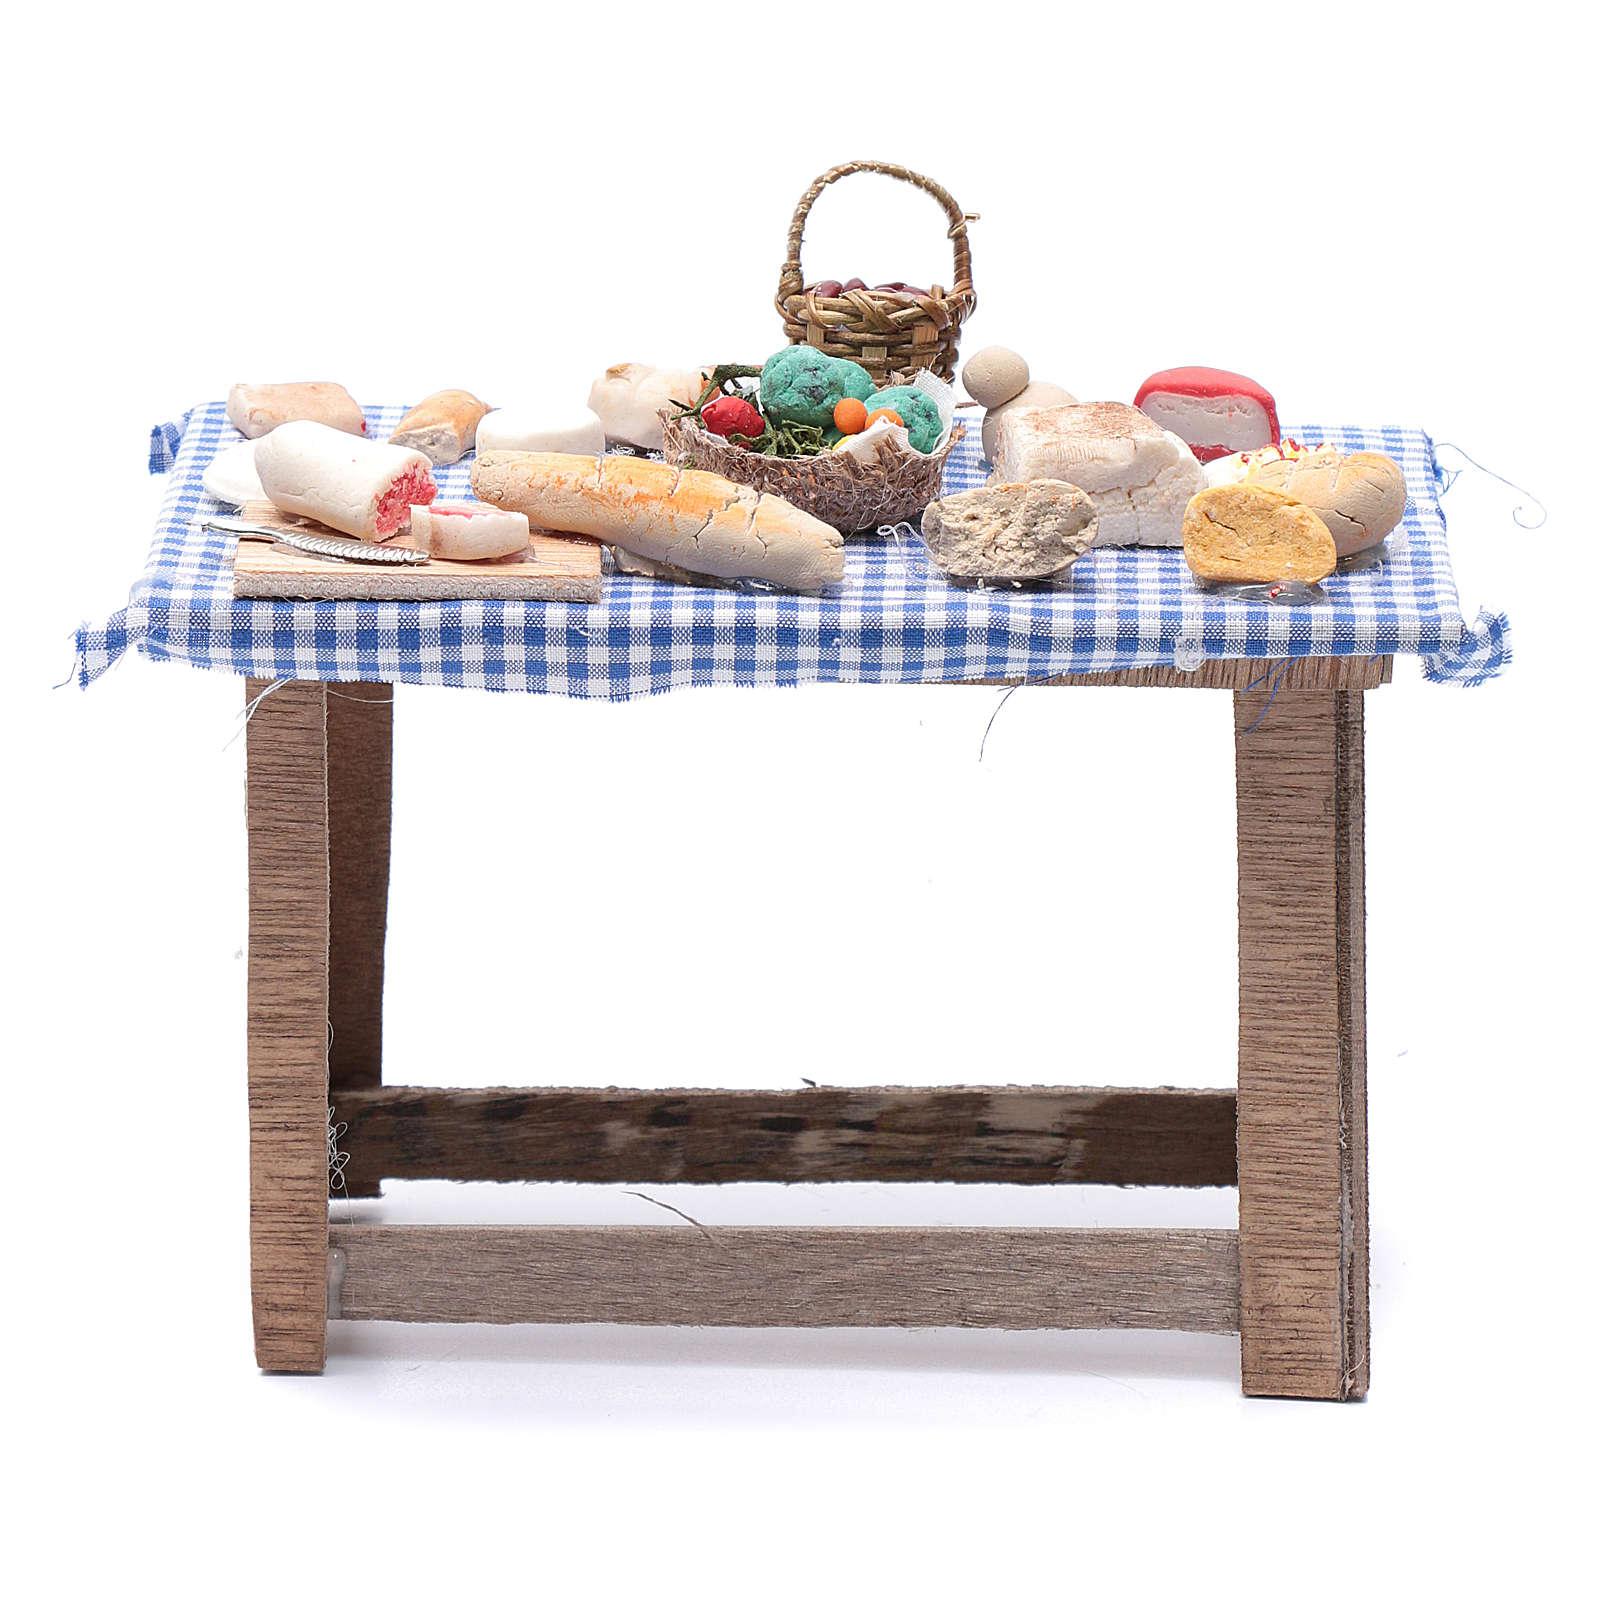 Tavolo con cibo 15x15x10 cm presepe Napoli fai da te 4